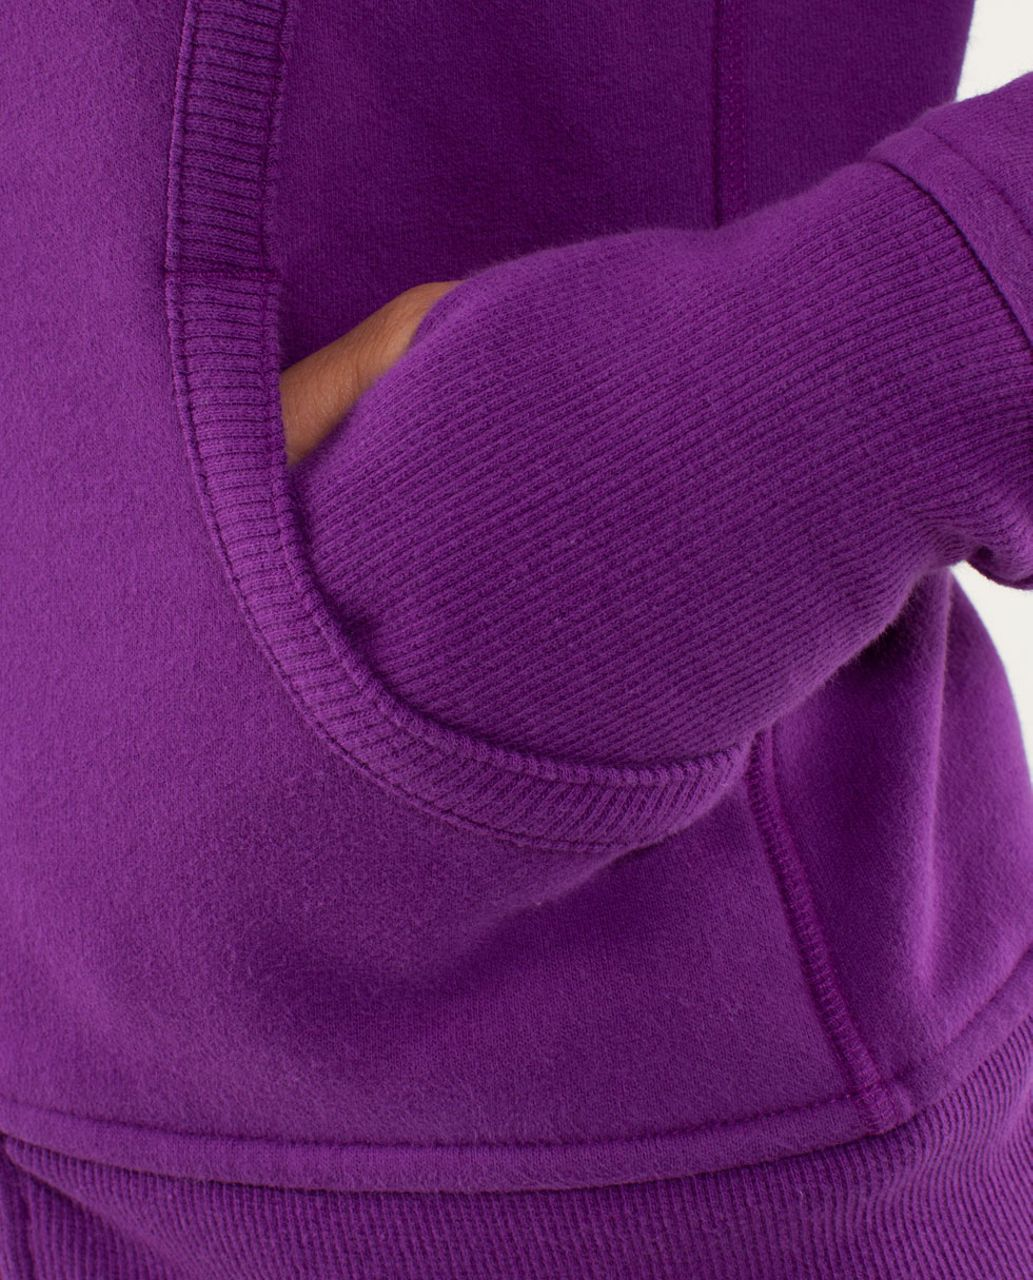 Lululemon Scuba Hoodie *Stretch - Tender Violet